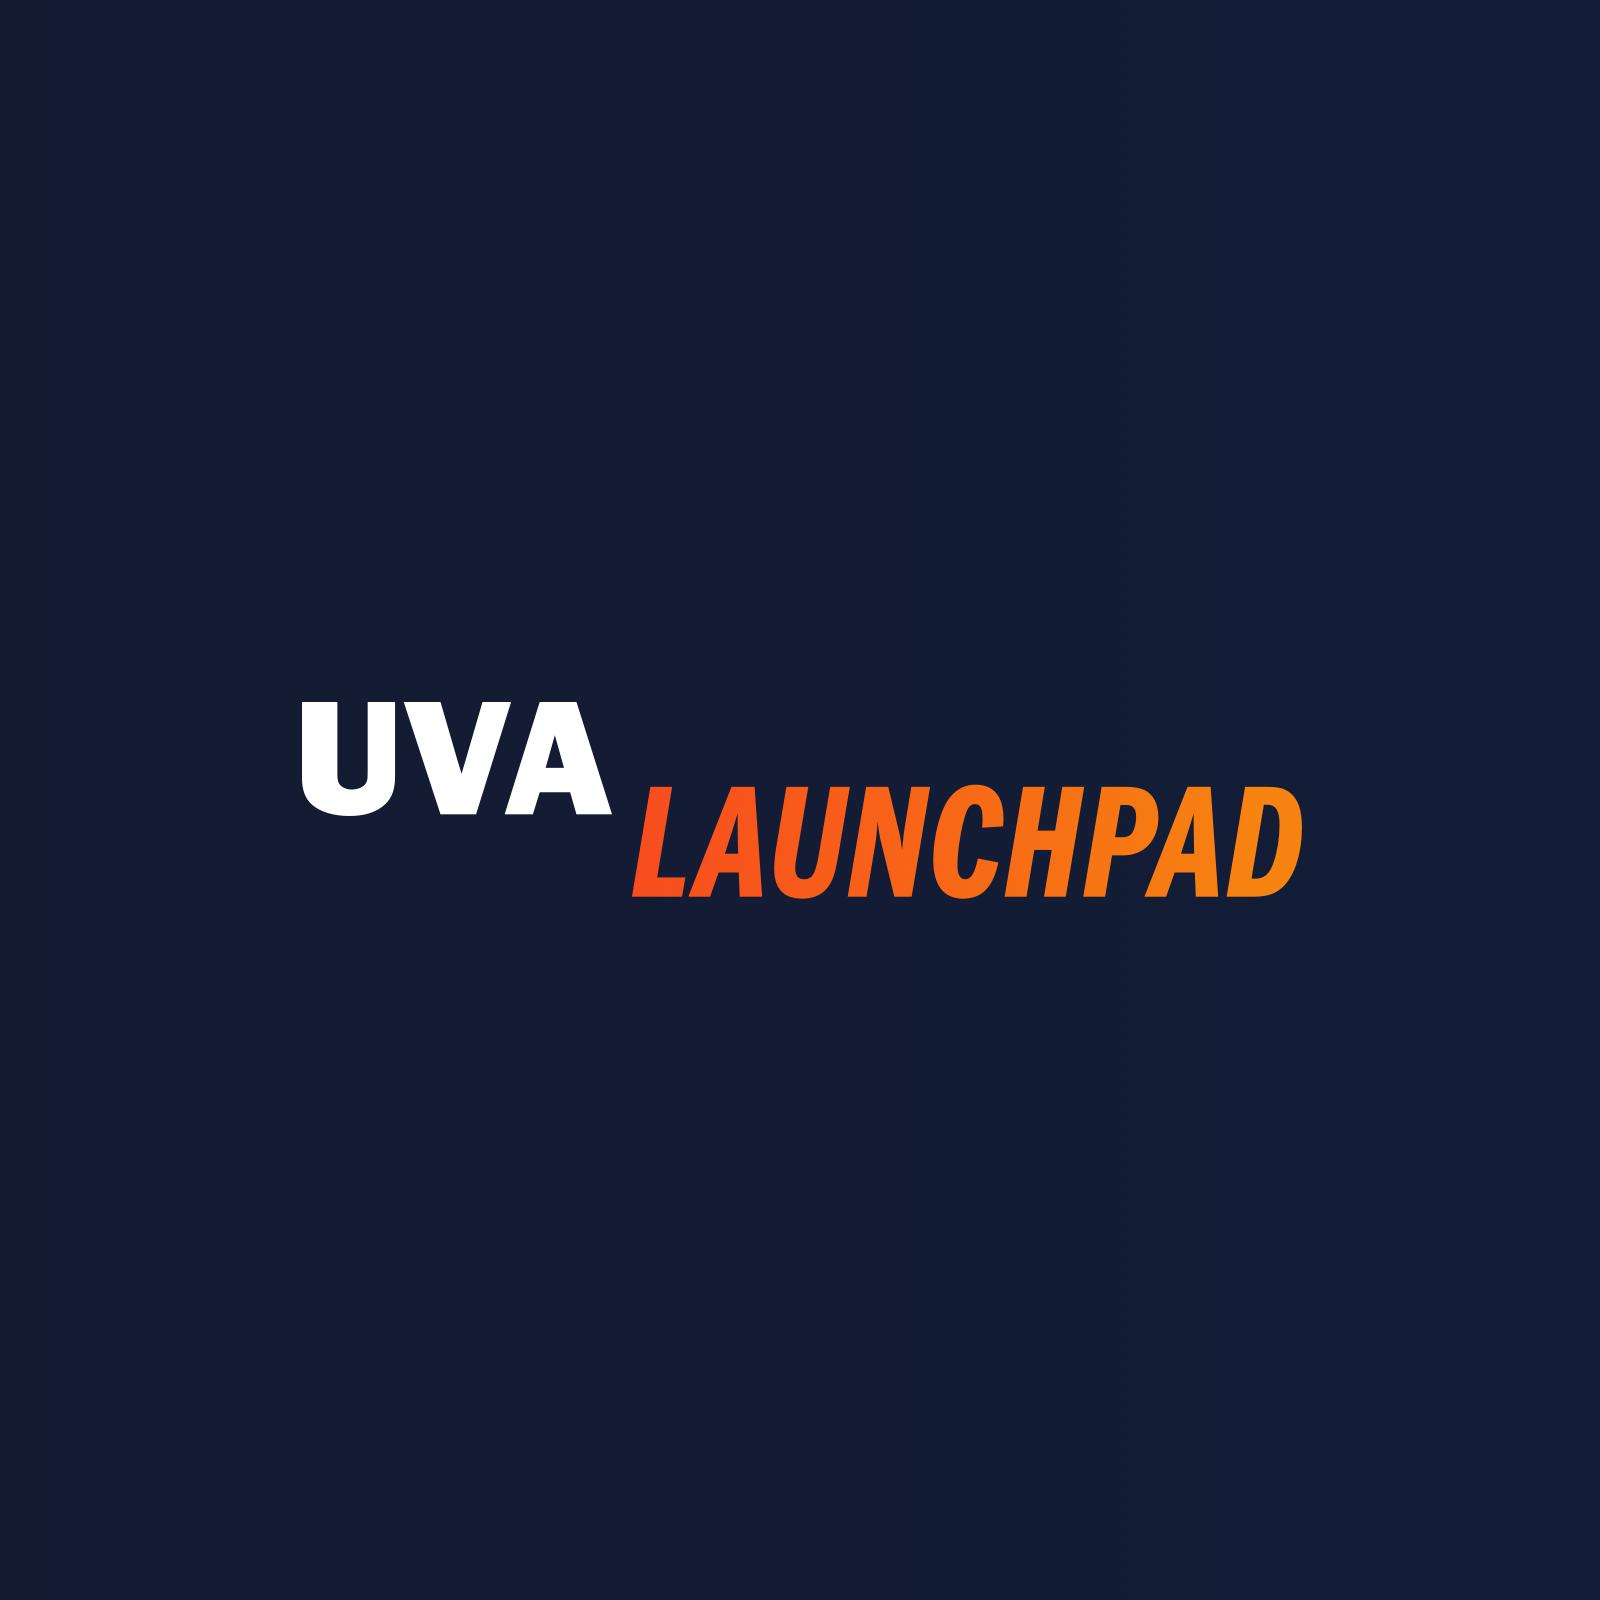 UVA Launchpad